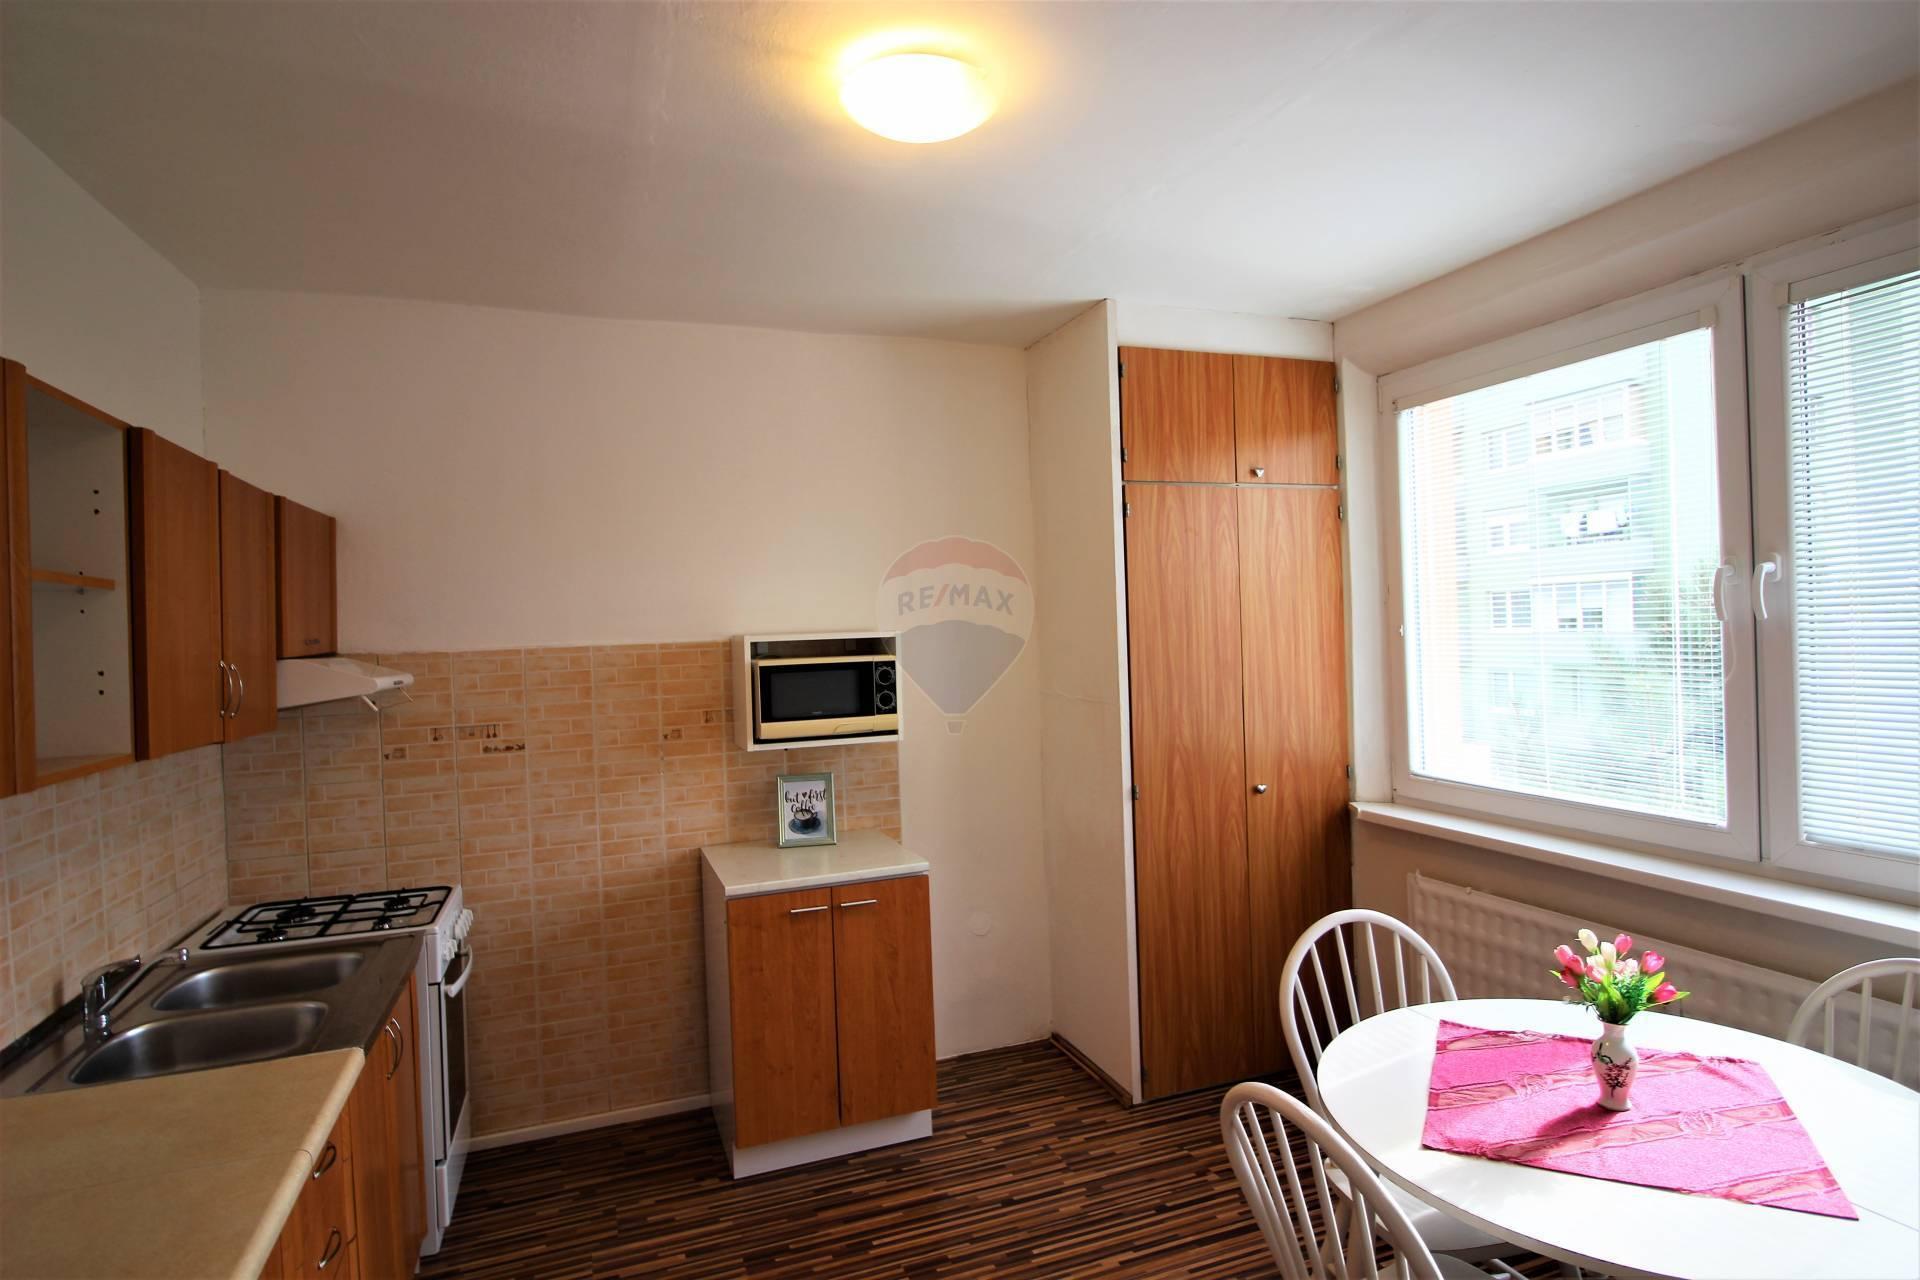 RE/MAX ponúka na predaj  nehnuteľnosť – 2 izbový priestranný byt s balkónom v Trnave.